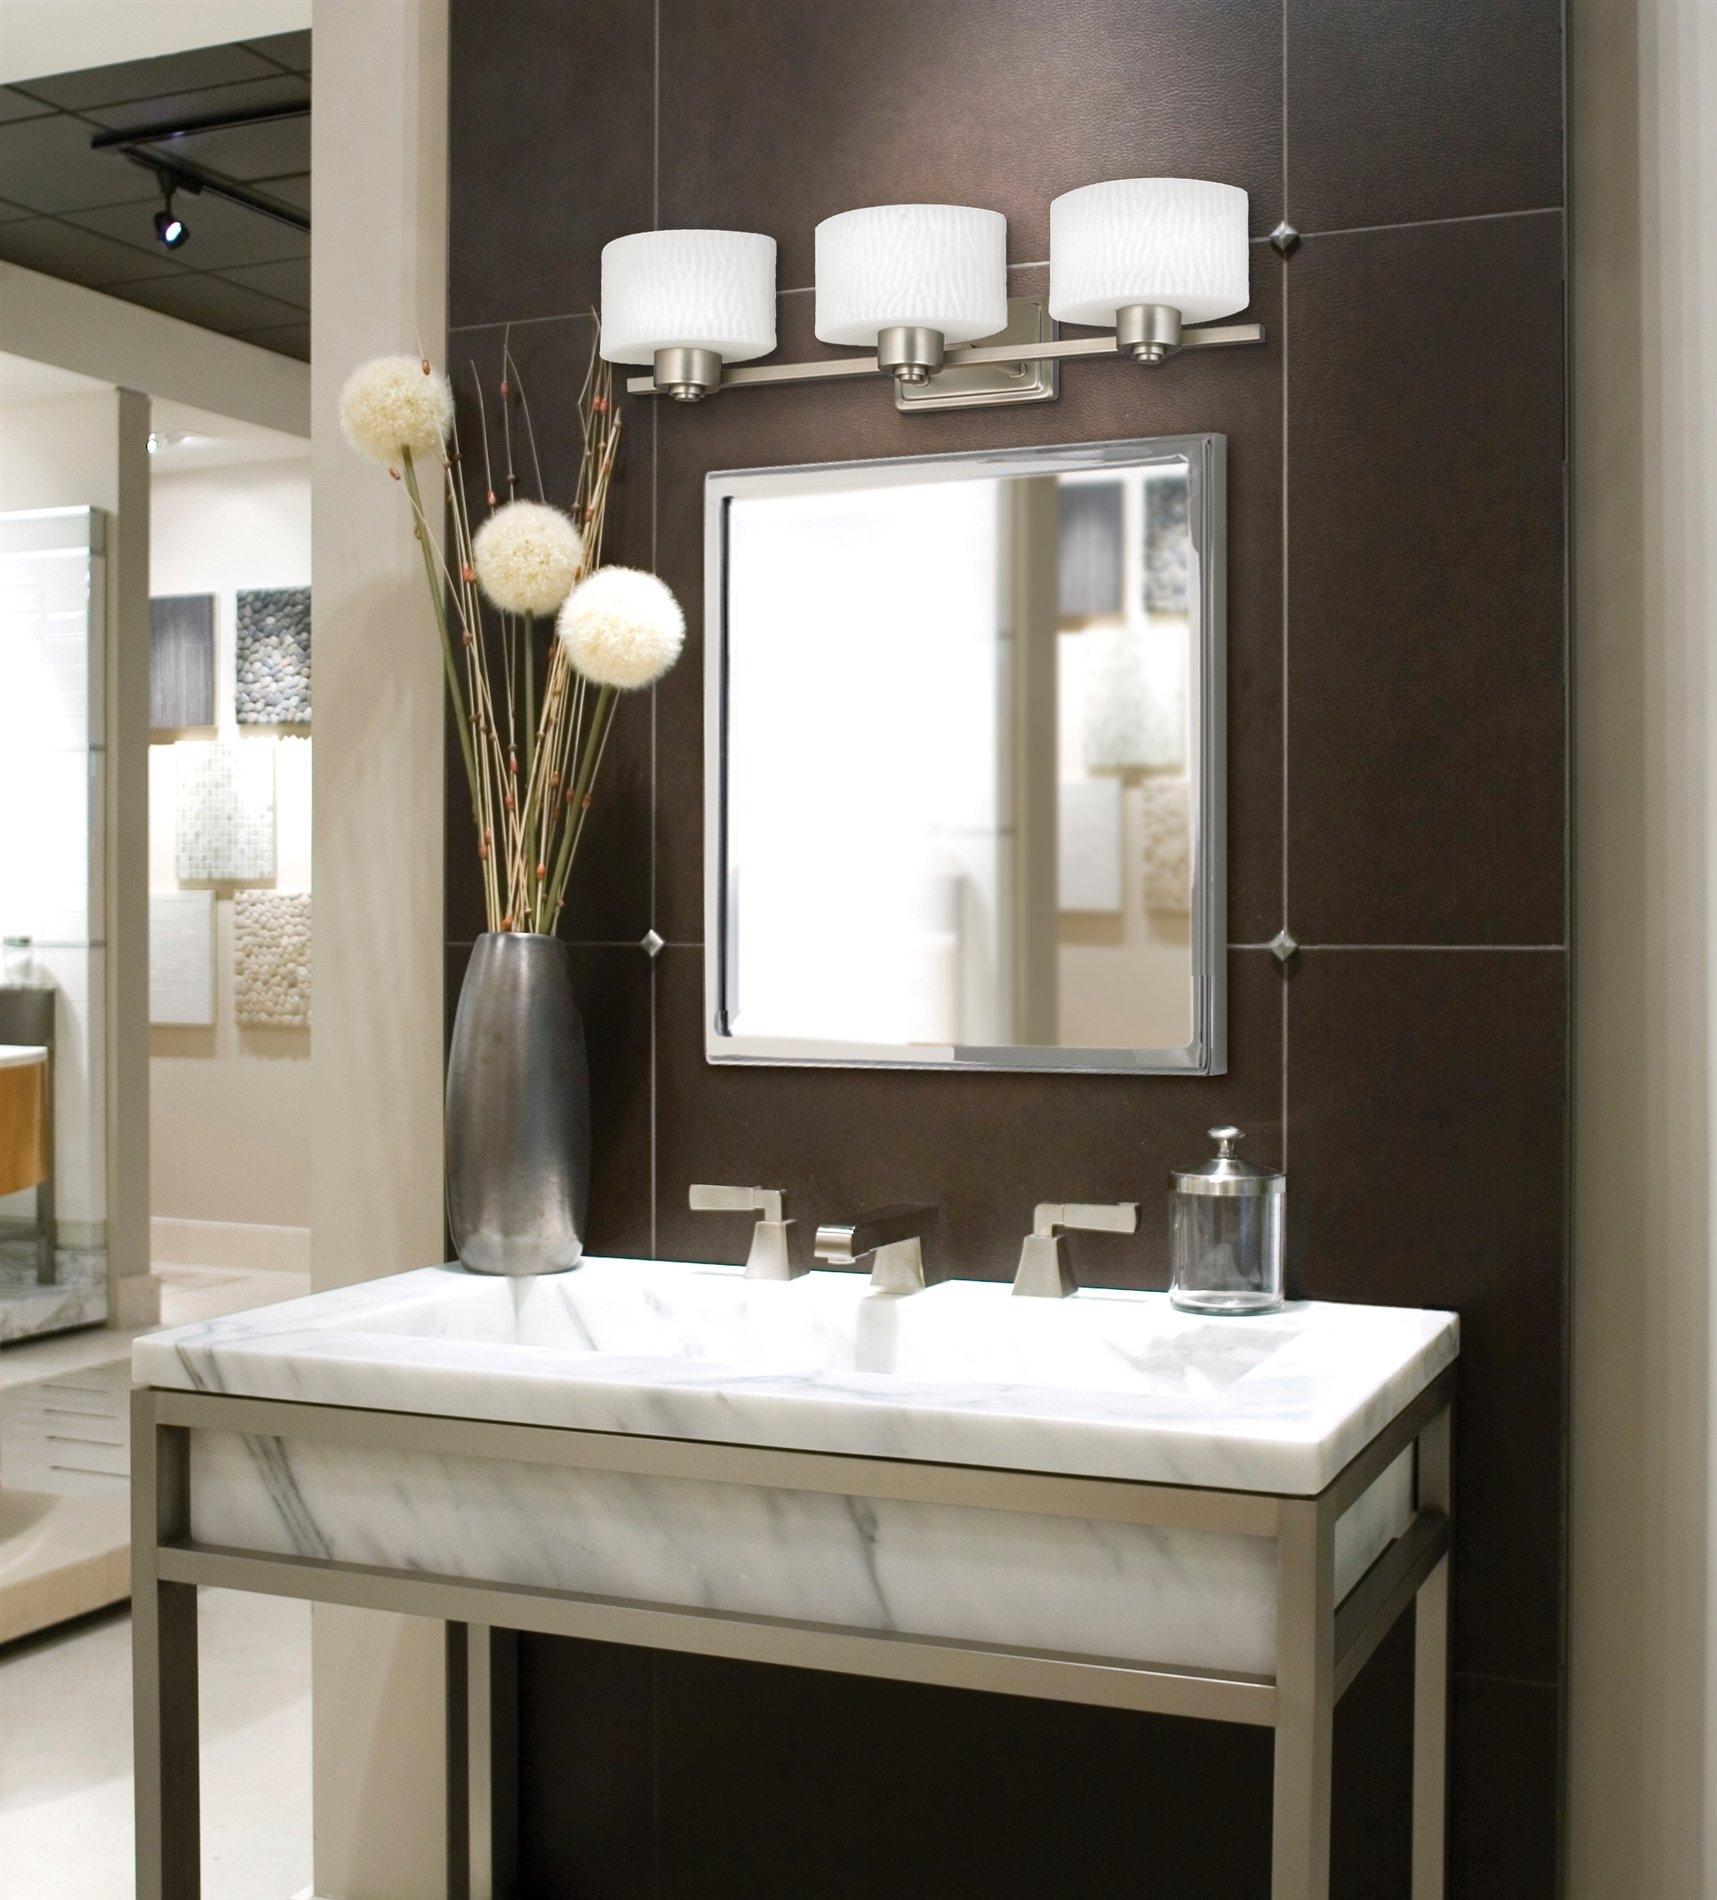 Best Light Bulbs For Bathroom Mirror